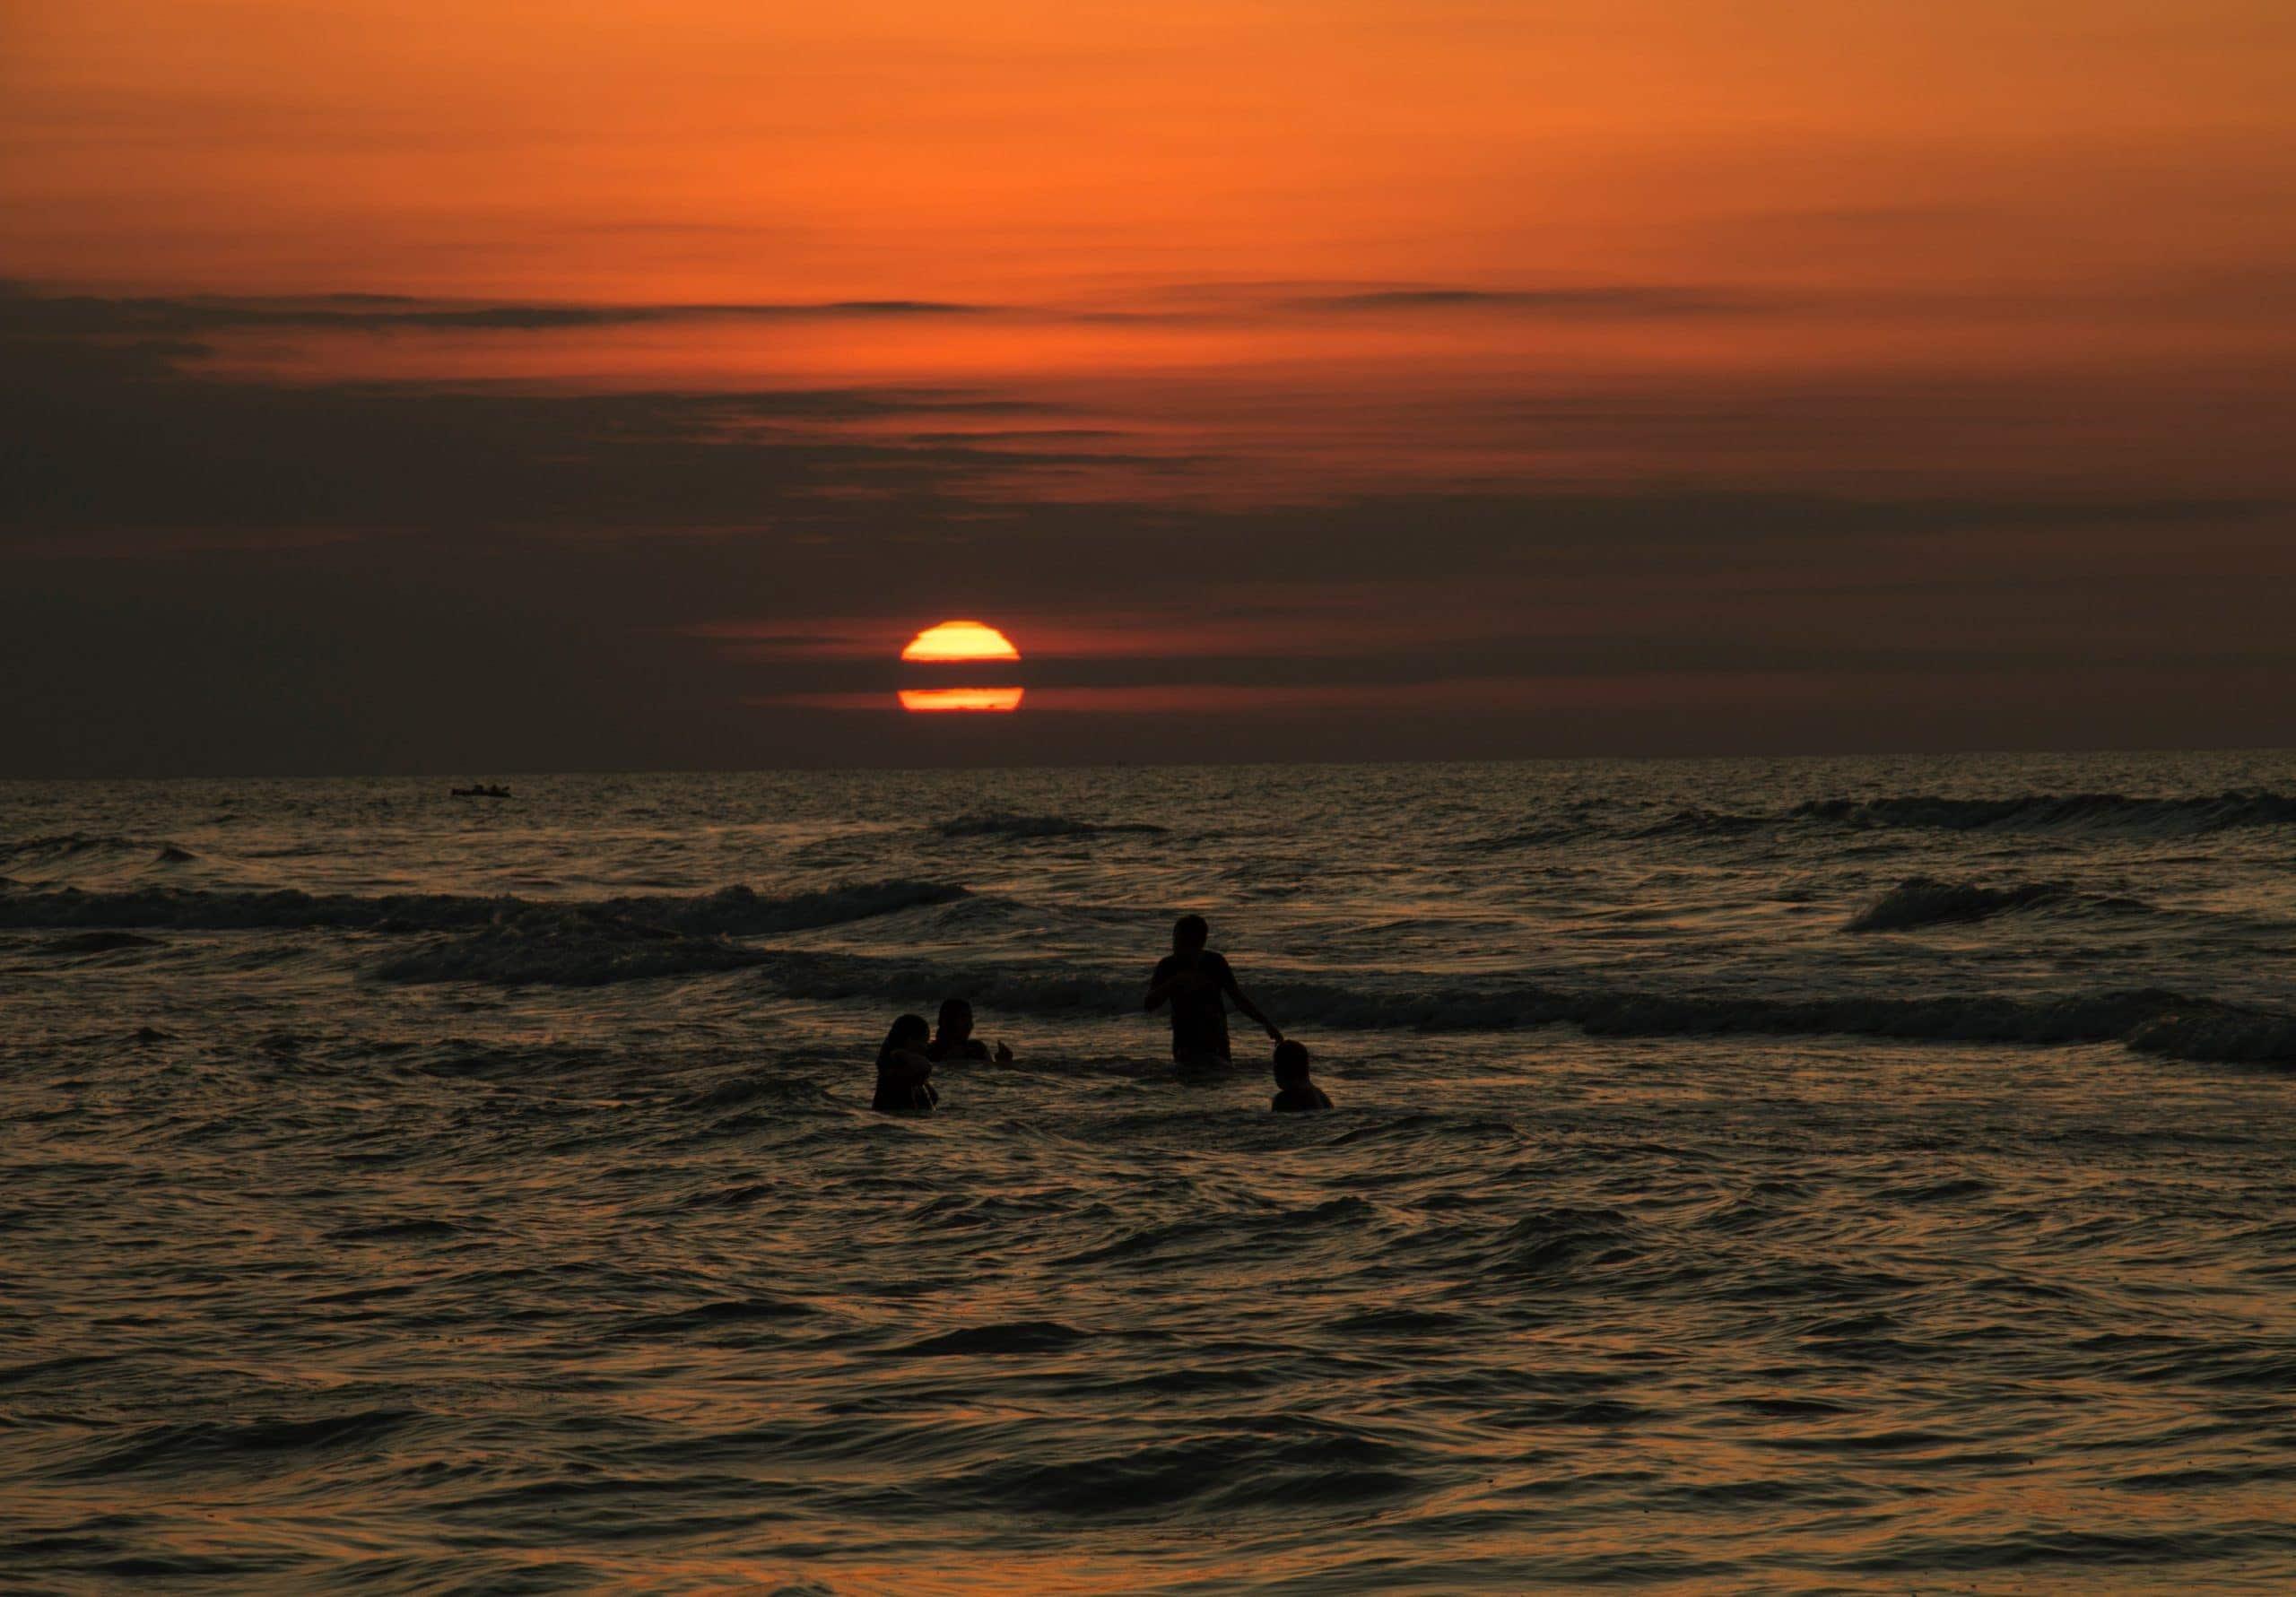 couché de soleil à la mer l'été